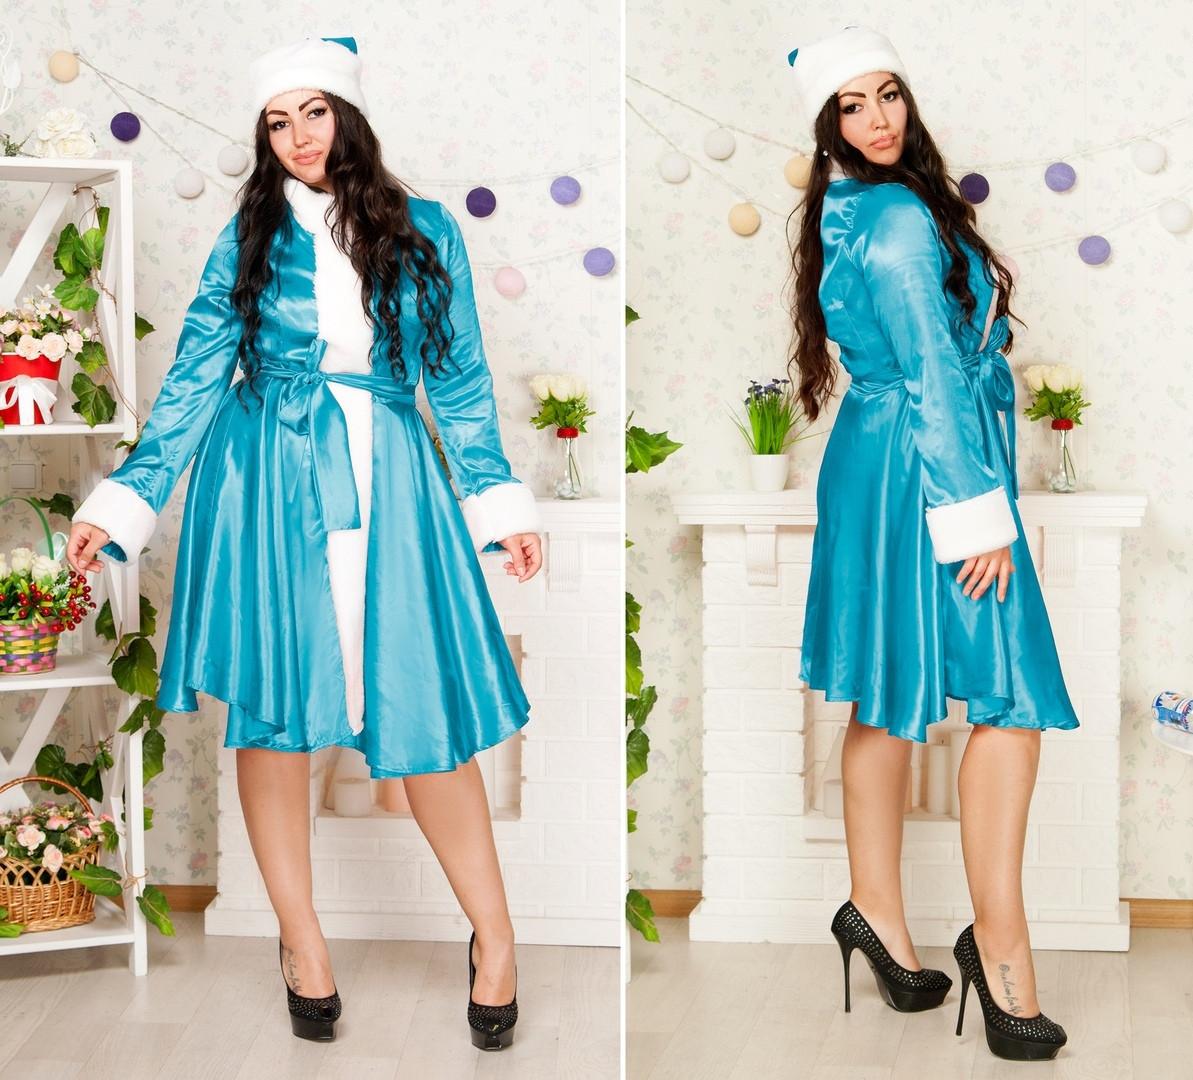 Женский костюм Снегурочки атласный  для взрослых